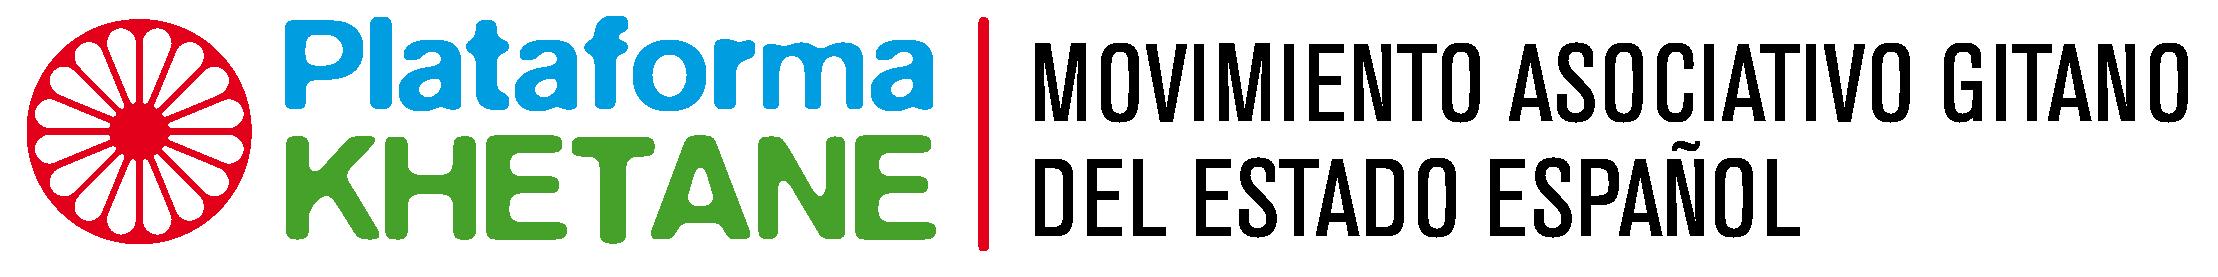 Plataforma Khetane